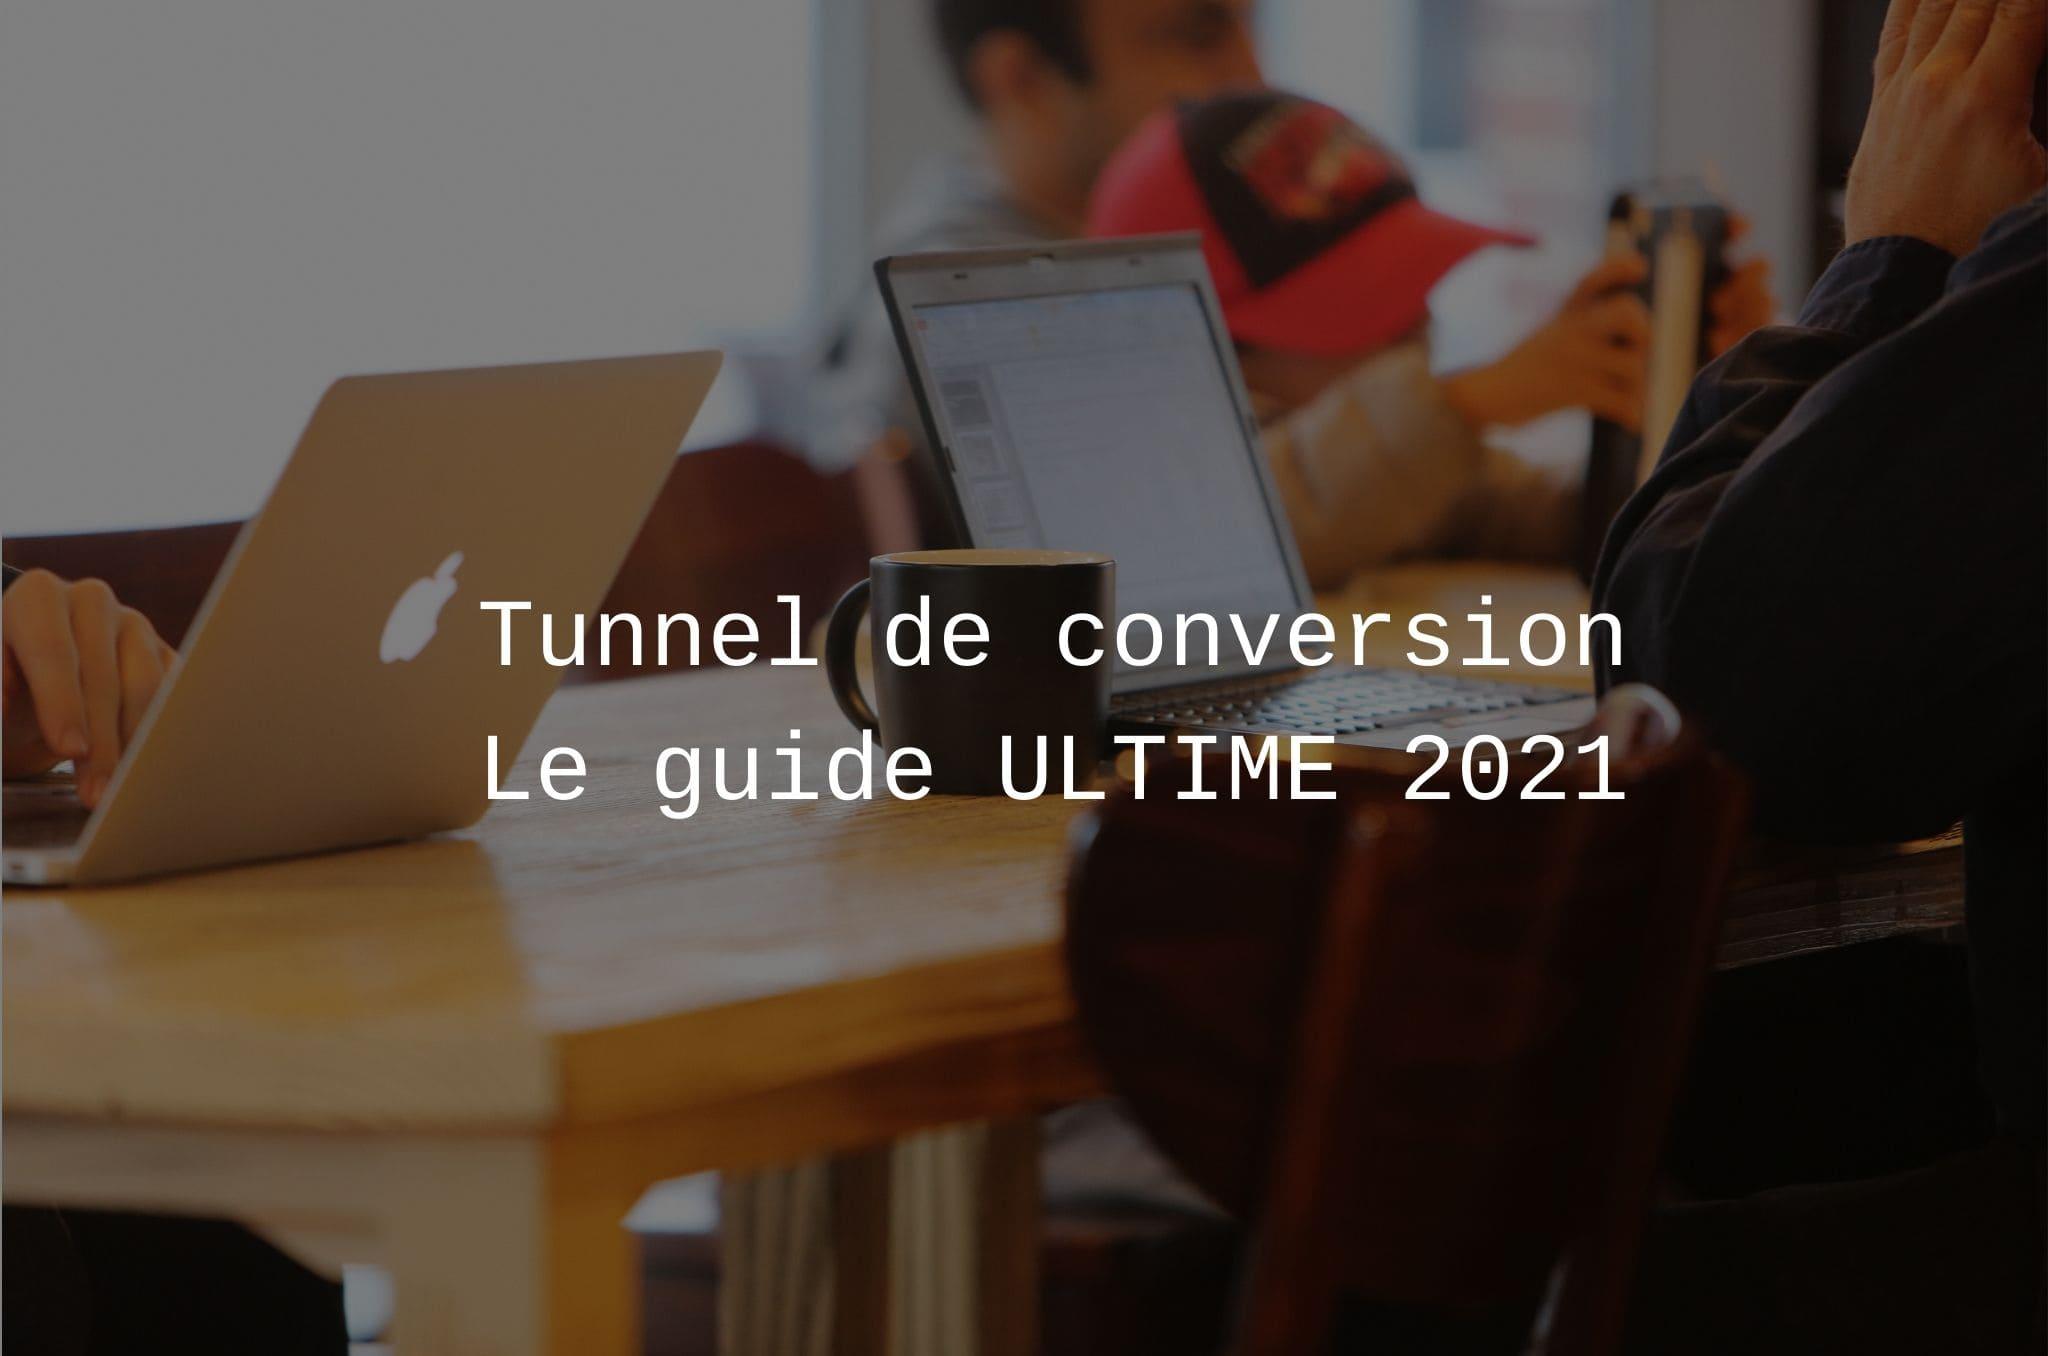 tunnel-de-conversion